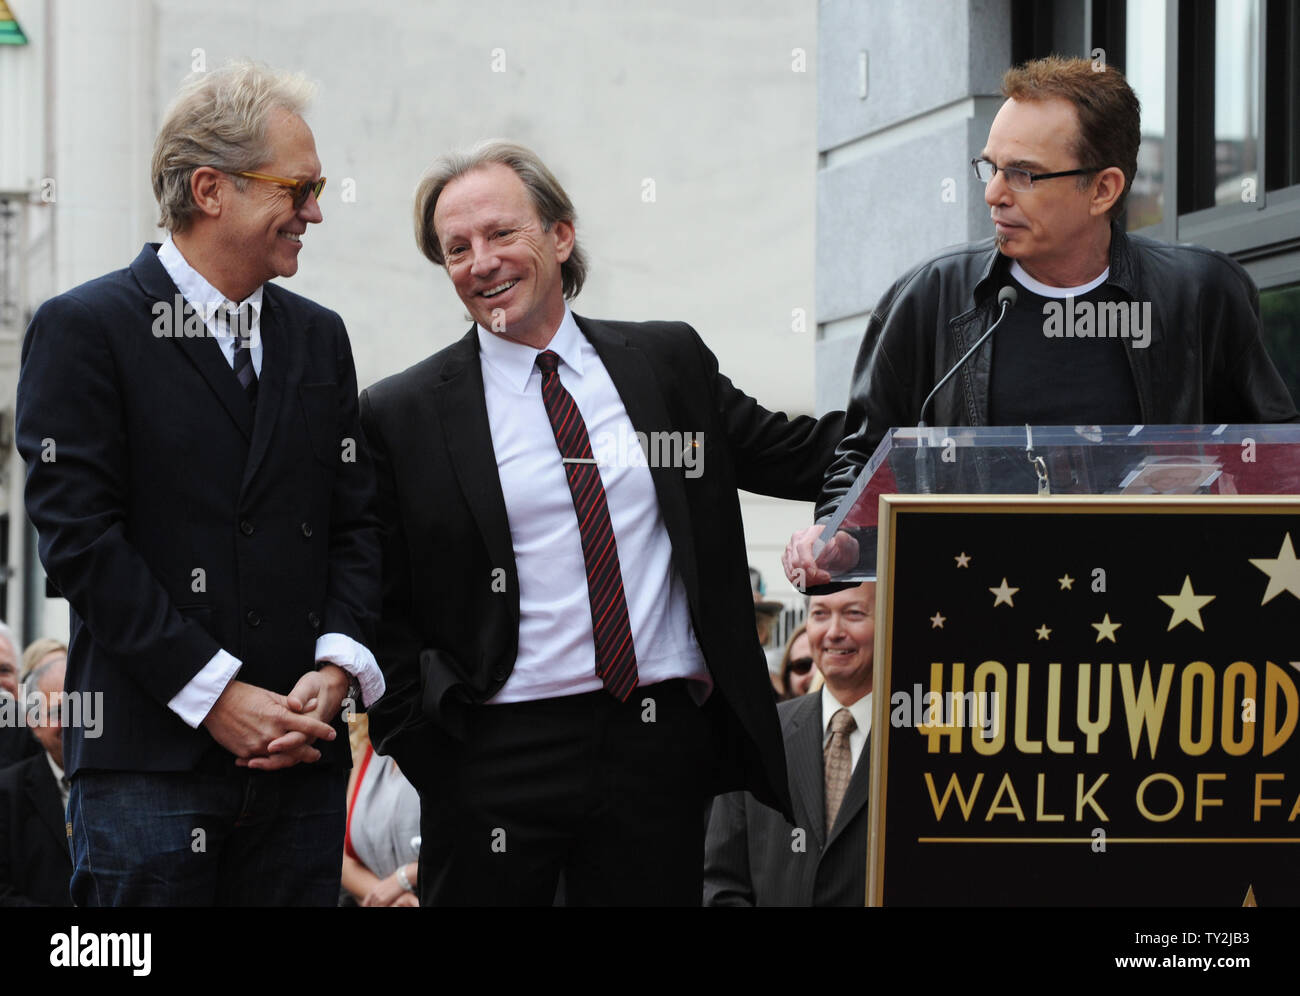 """Gerry Beckley (L) y Dewey Bunnell (C), los miembros del grupo de rock clásico y ganador de un premio Grammy, """"el dúo América, reaccionar a las observaciones formuladas por el actor Billy Bob Thorton (R) durante una ceremonia en honor a ellos con el 2,459th estrella en el Paseo de la Fama de Hollywood en Los Angeles el 6 de febrero de 2012. UPI/Jim Ruymen Imagen De Stock"""